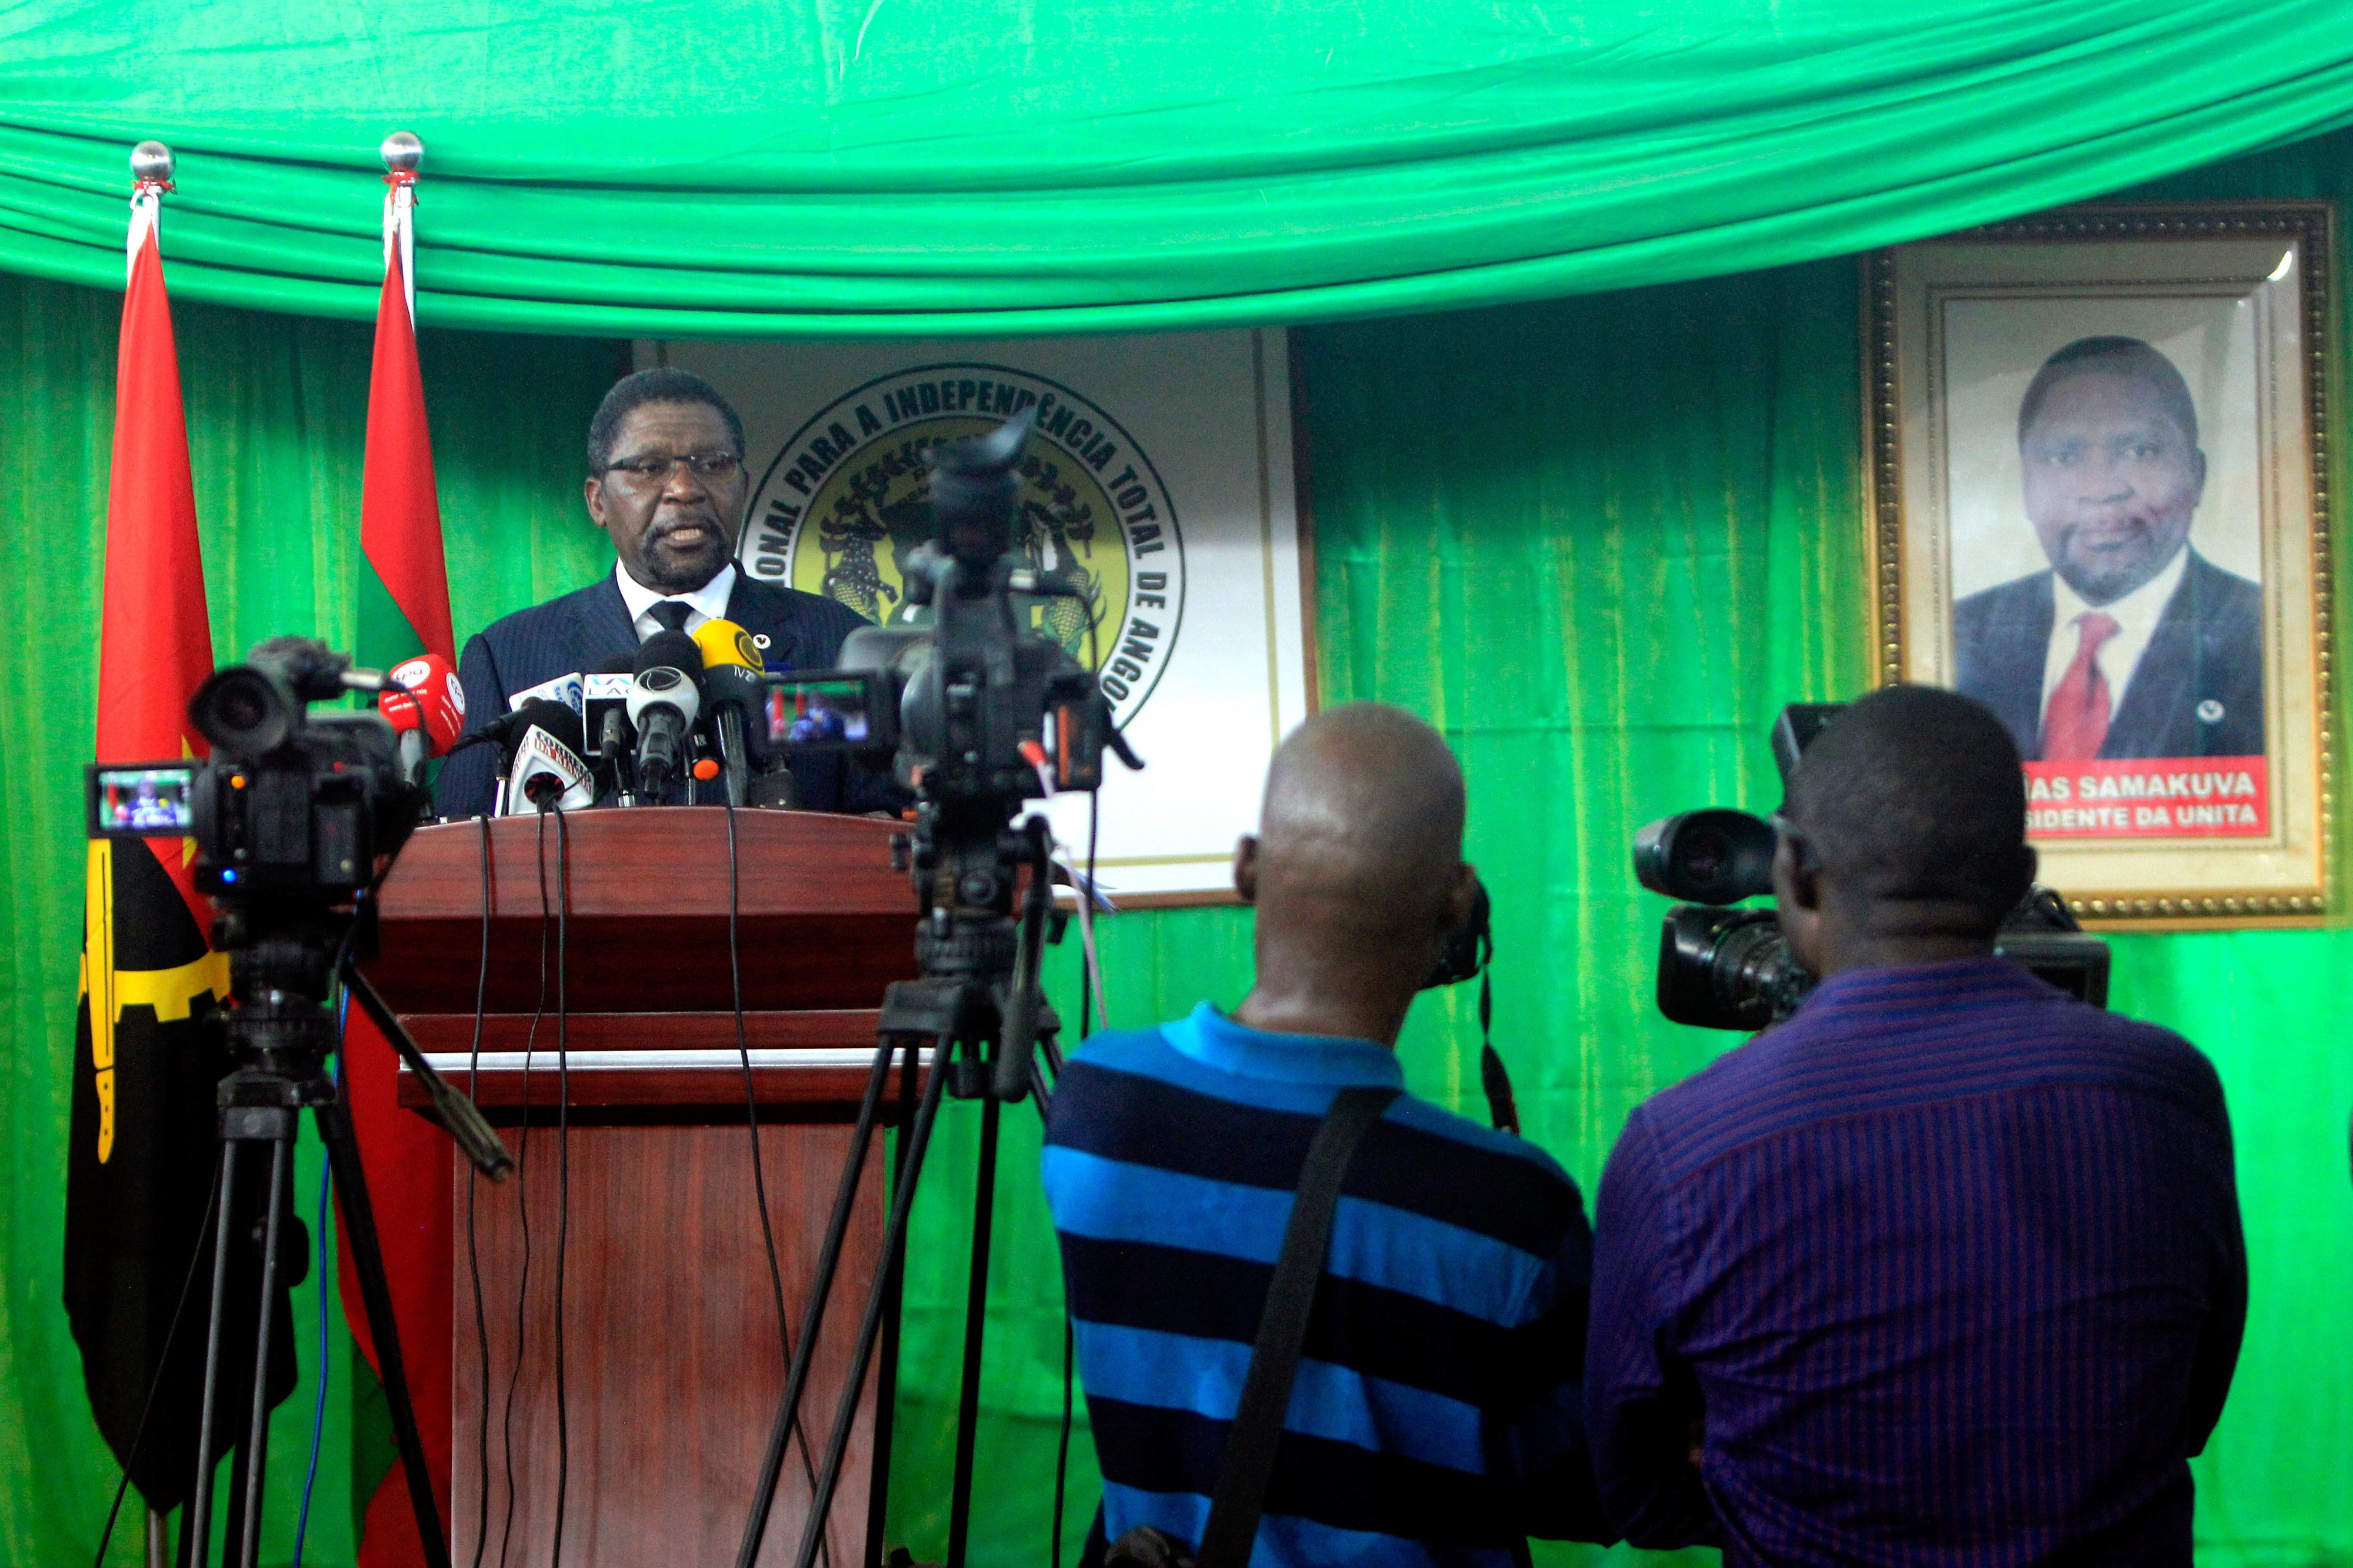 Comissão Política da UNITA reunida a partir de hoje em Luanda para marcar congresso